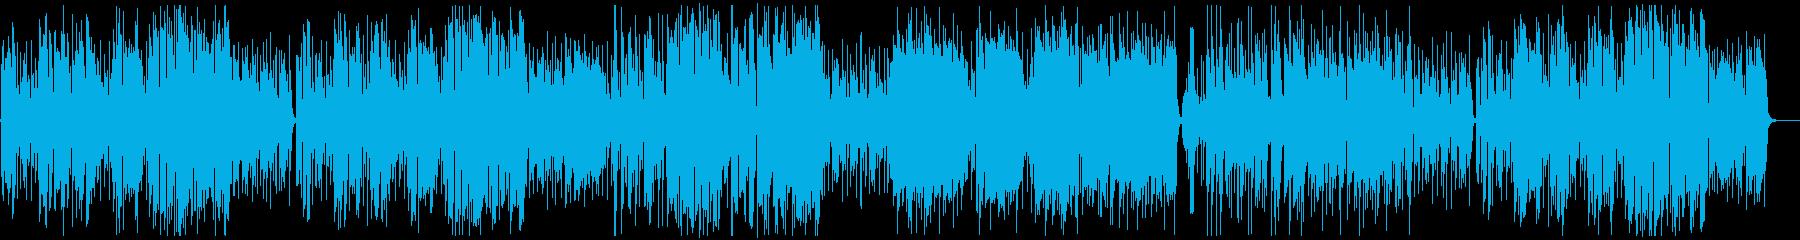 ラッパが渋く大人なジャズファンクの再生済みの波形